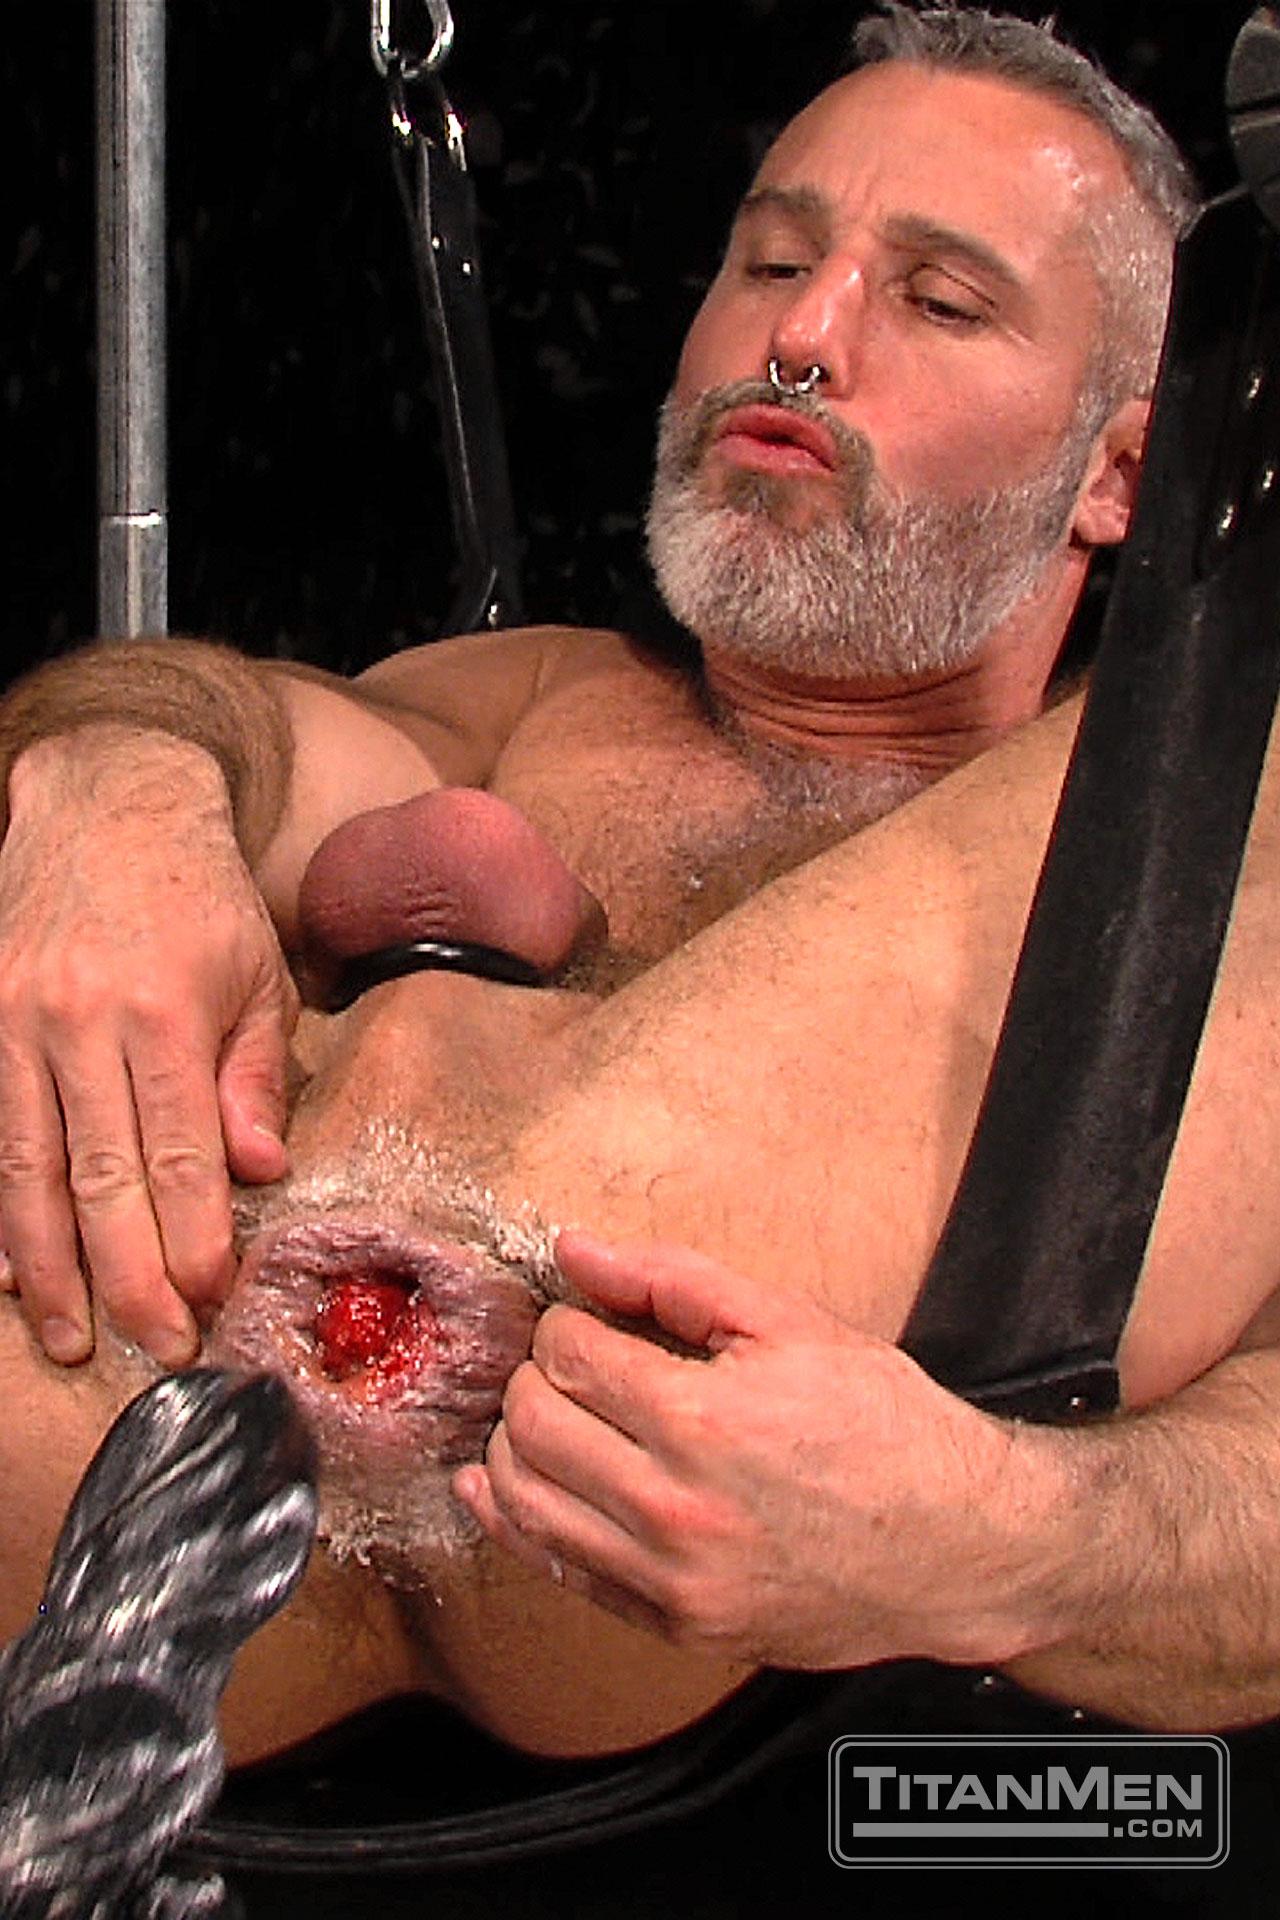 Big Dick Gay Fisting And Facial